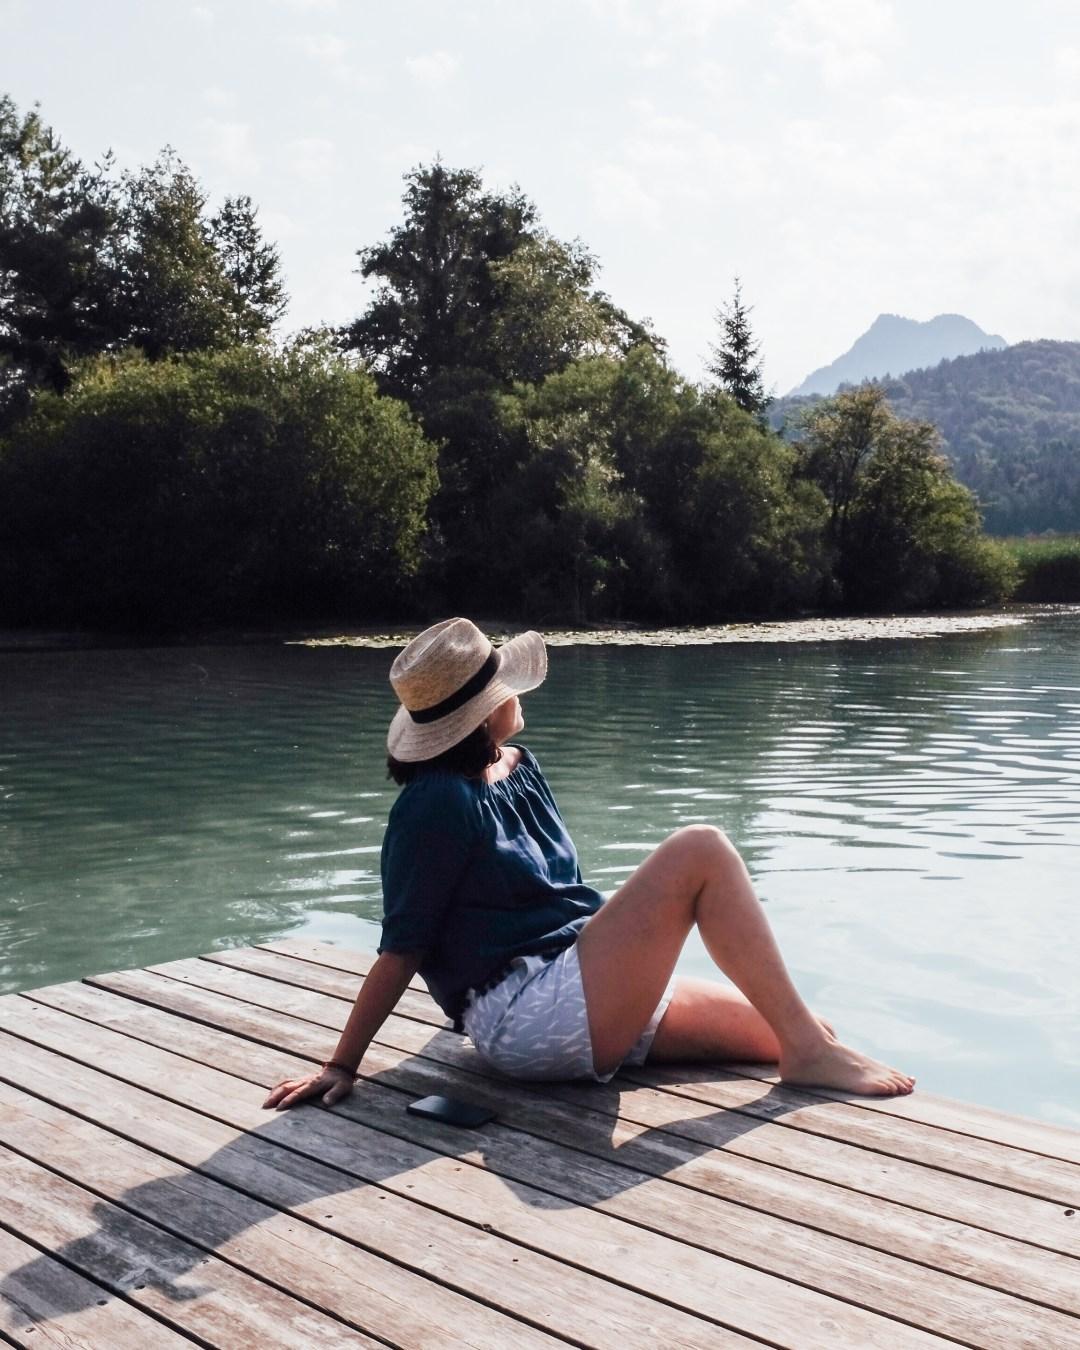 inastil, Fuschlsee, sommerzeit, sommerinösterreich, salzburgerland, ü50blogger, Salzkammergut, Schlossfischerei, Schlossfuschl, Salzburgerland-10